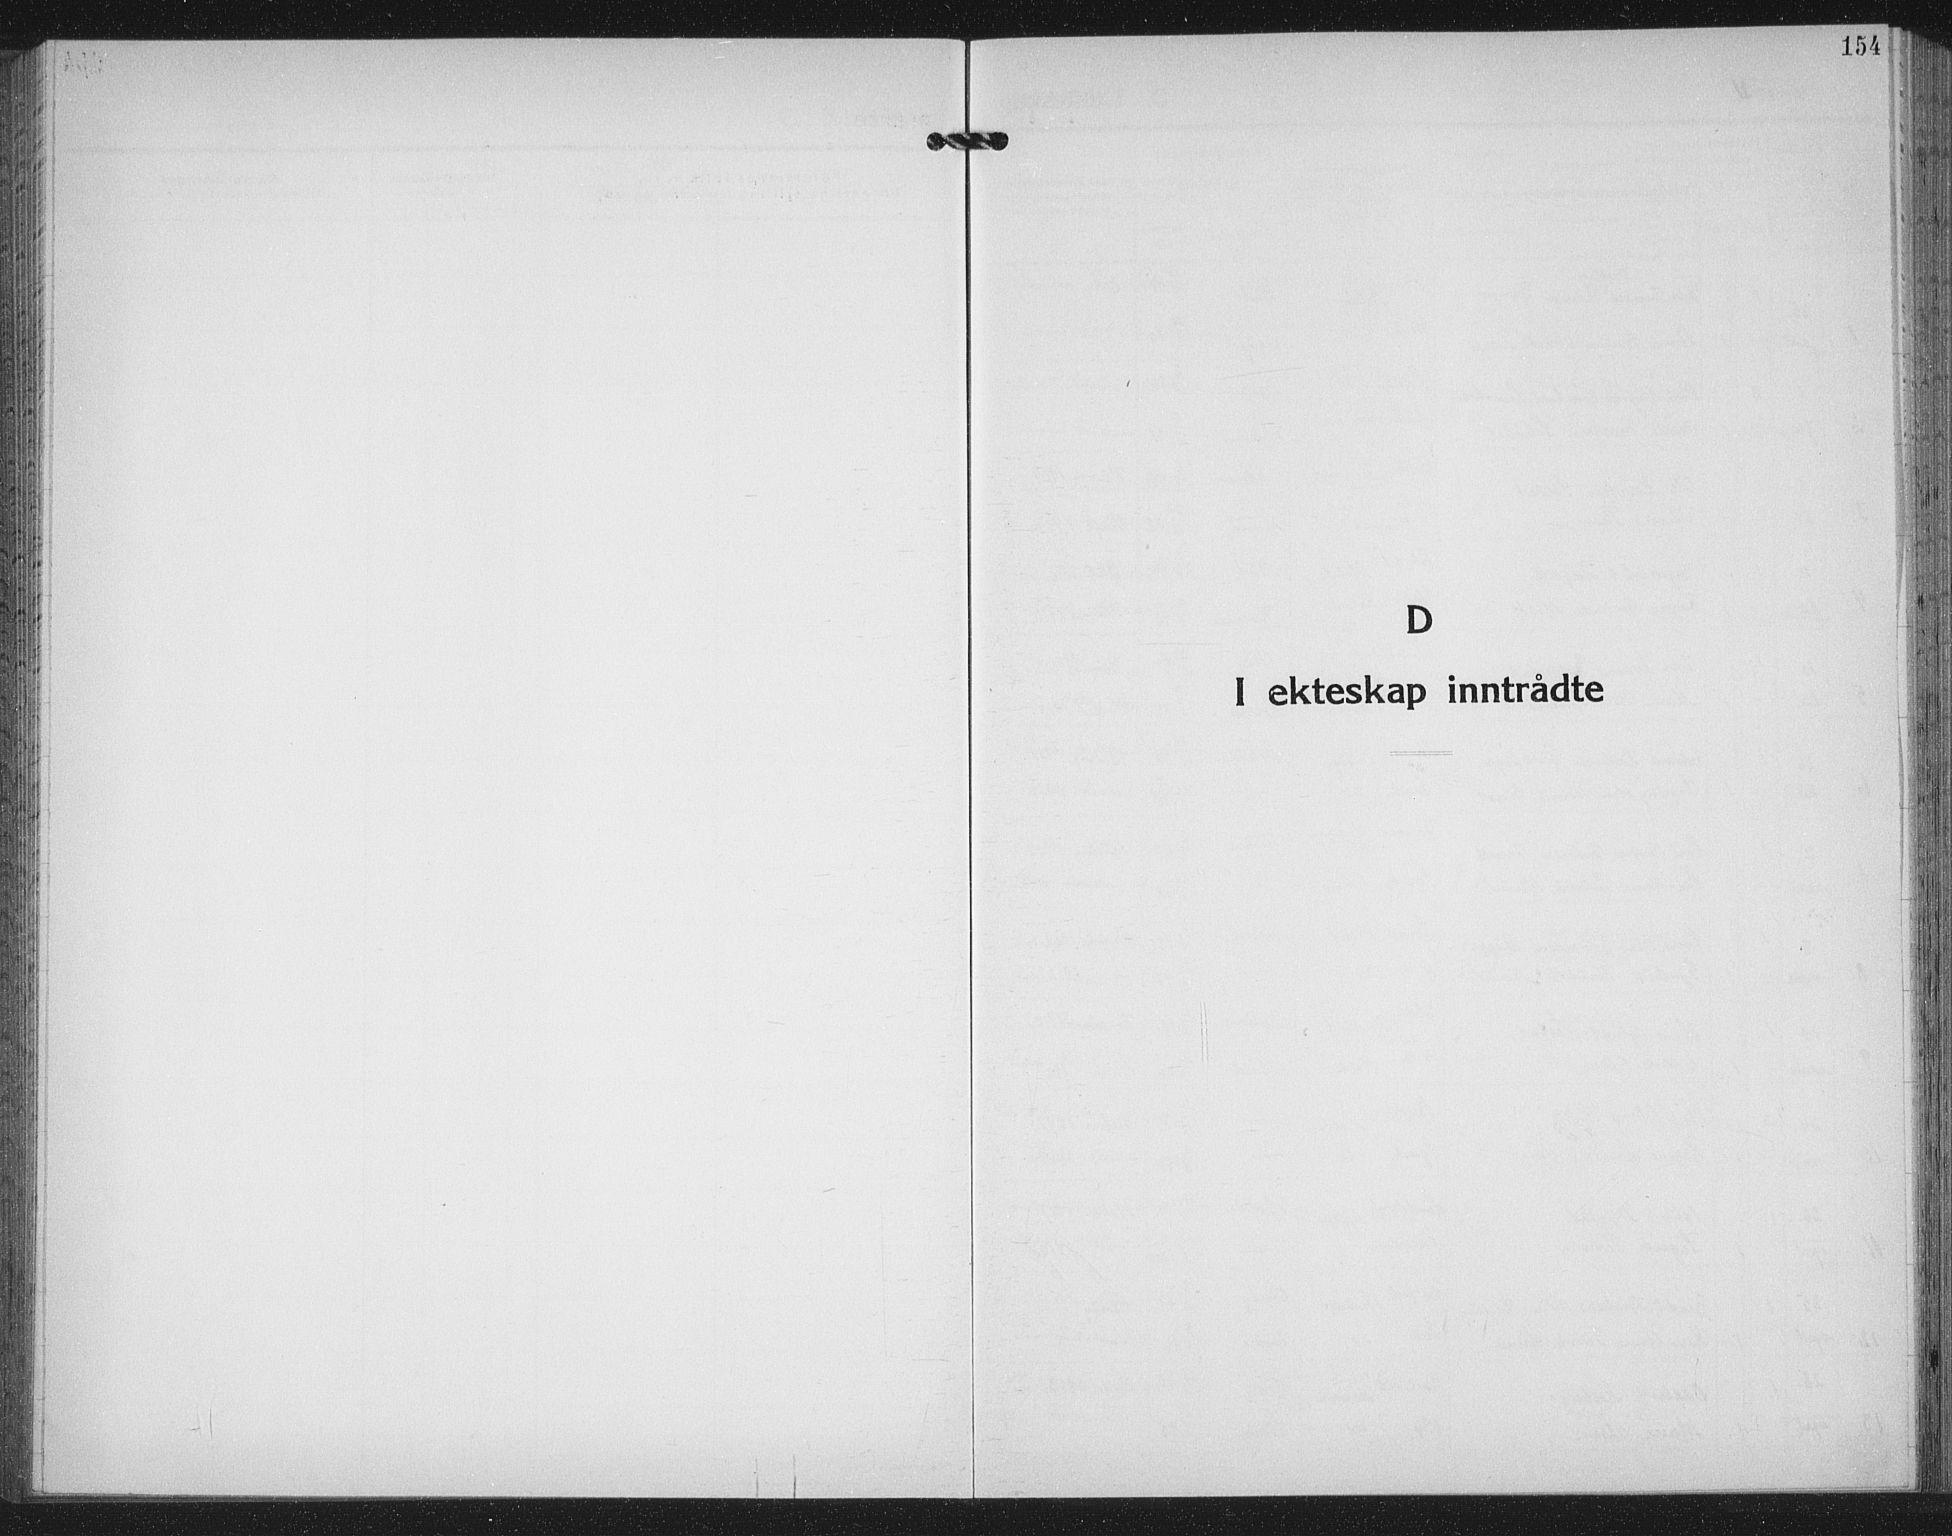 SAT, Ministerialprotokoller, klokkerbøker og fødselsregistre - Møre og Romsdal, 558/L0704: Klokkerbok nr. 558C05, 1921-1942, s. 154